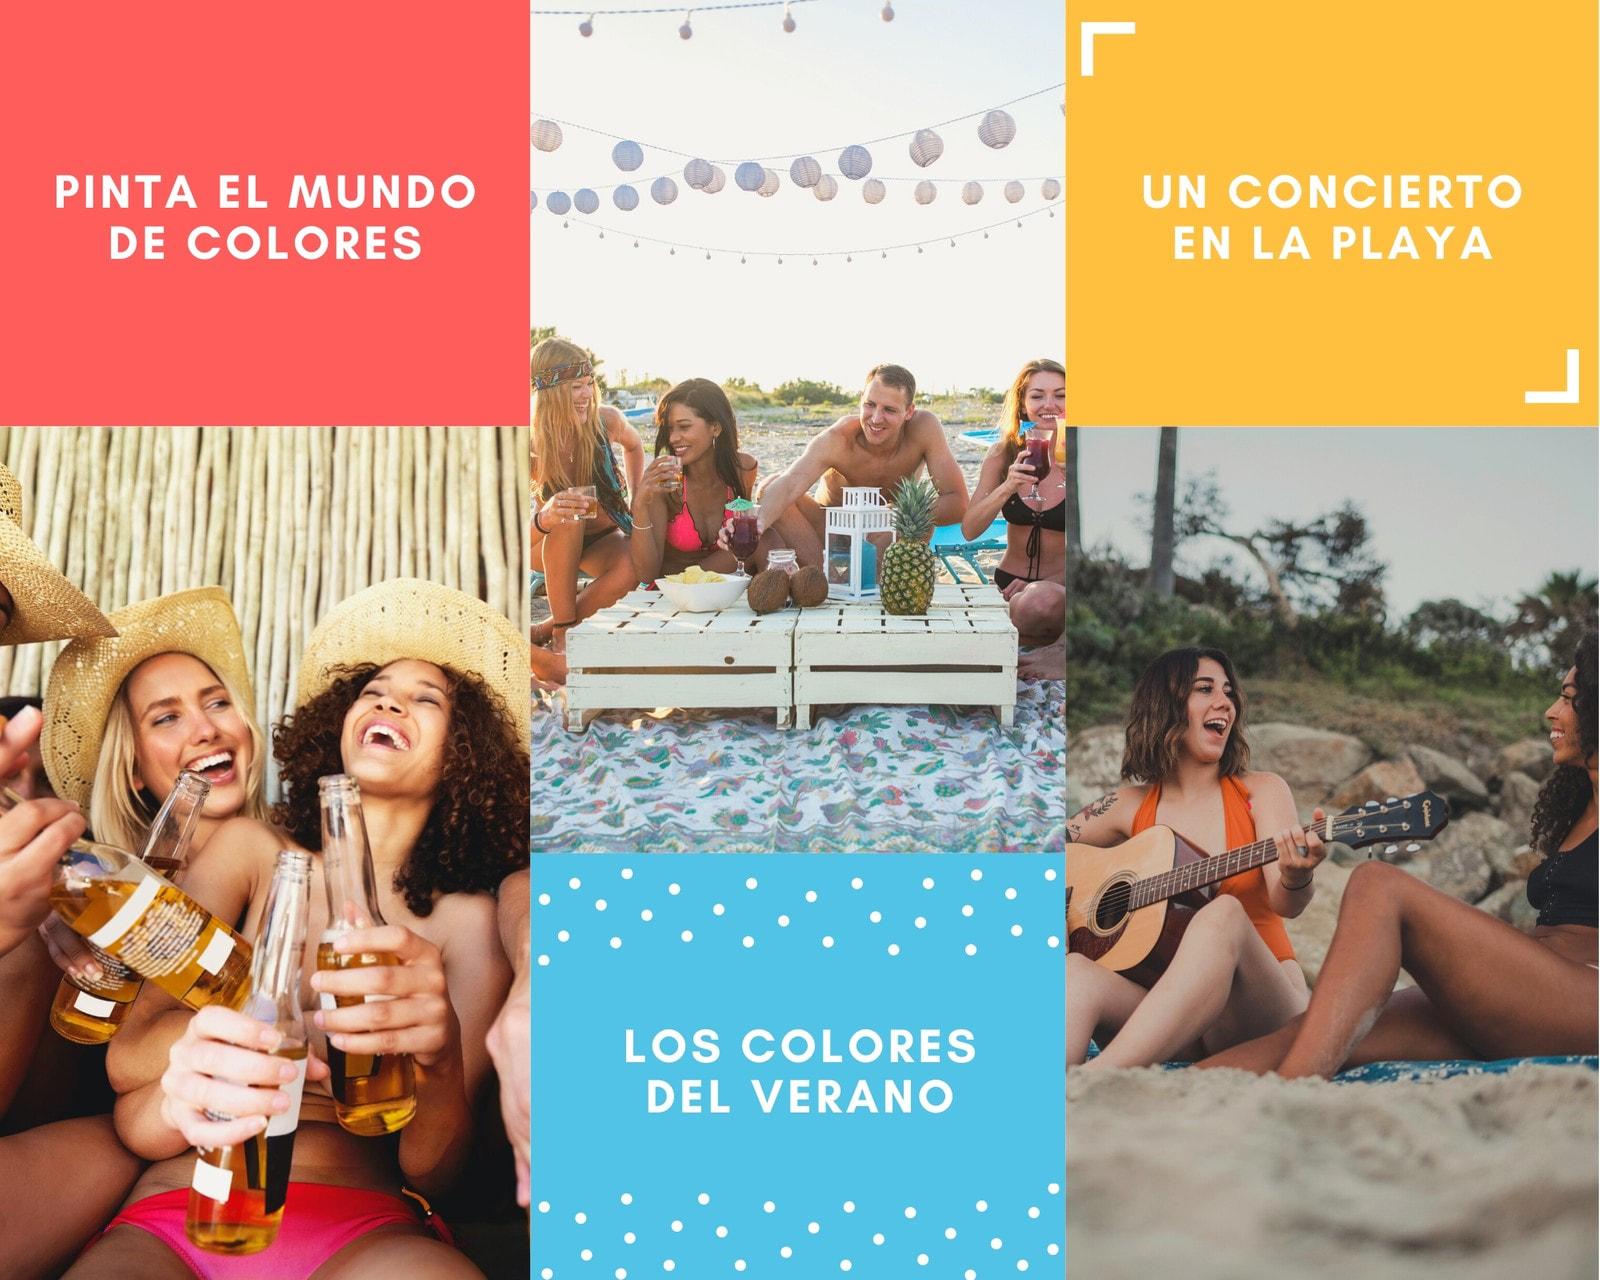 Colorido Geométrico Elementos Actividades Verano Foto Collage